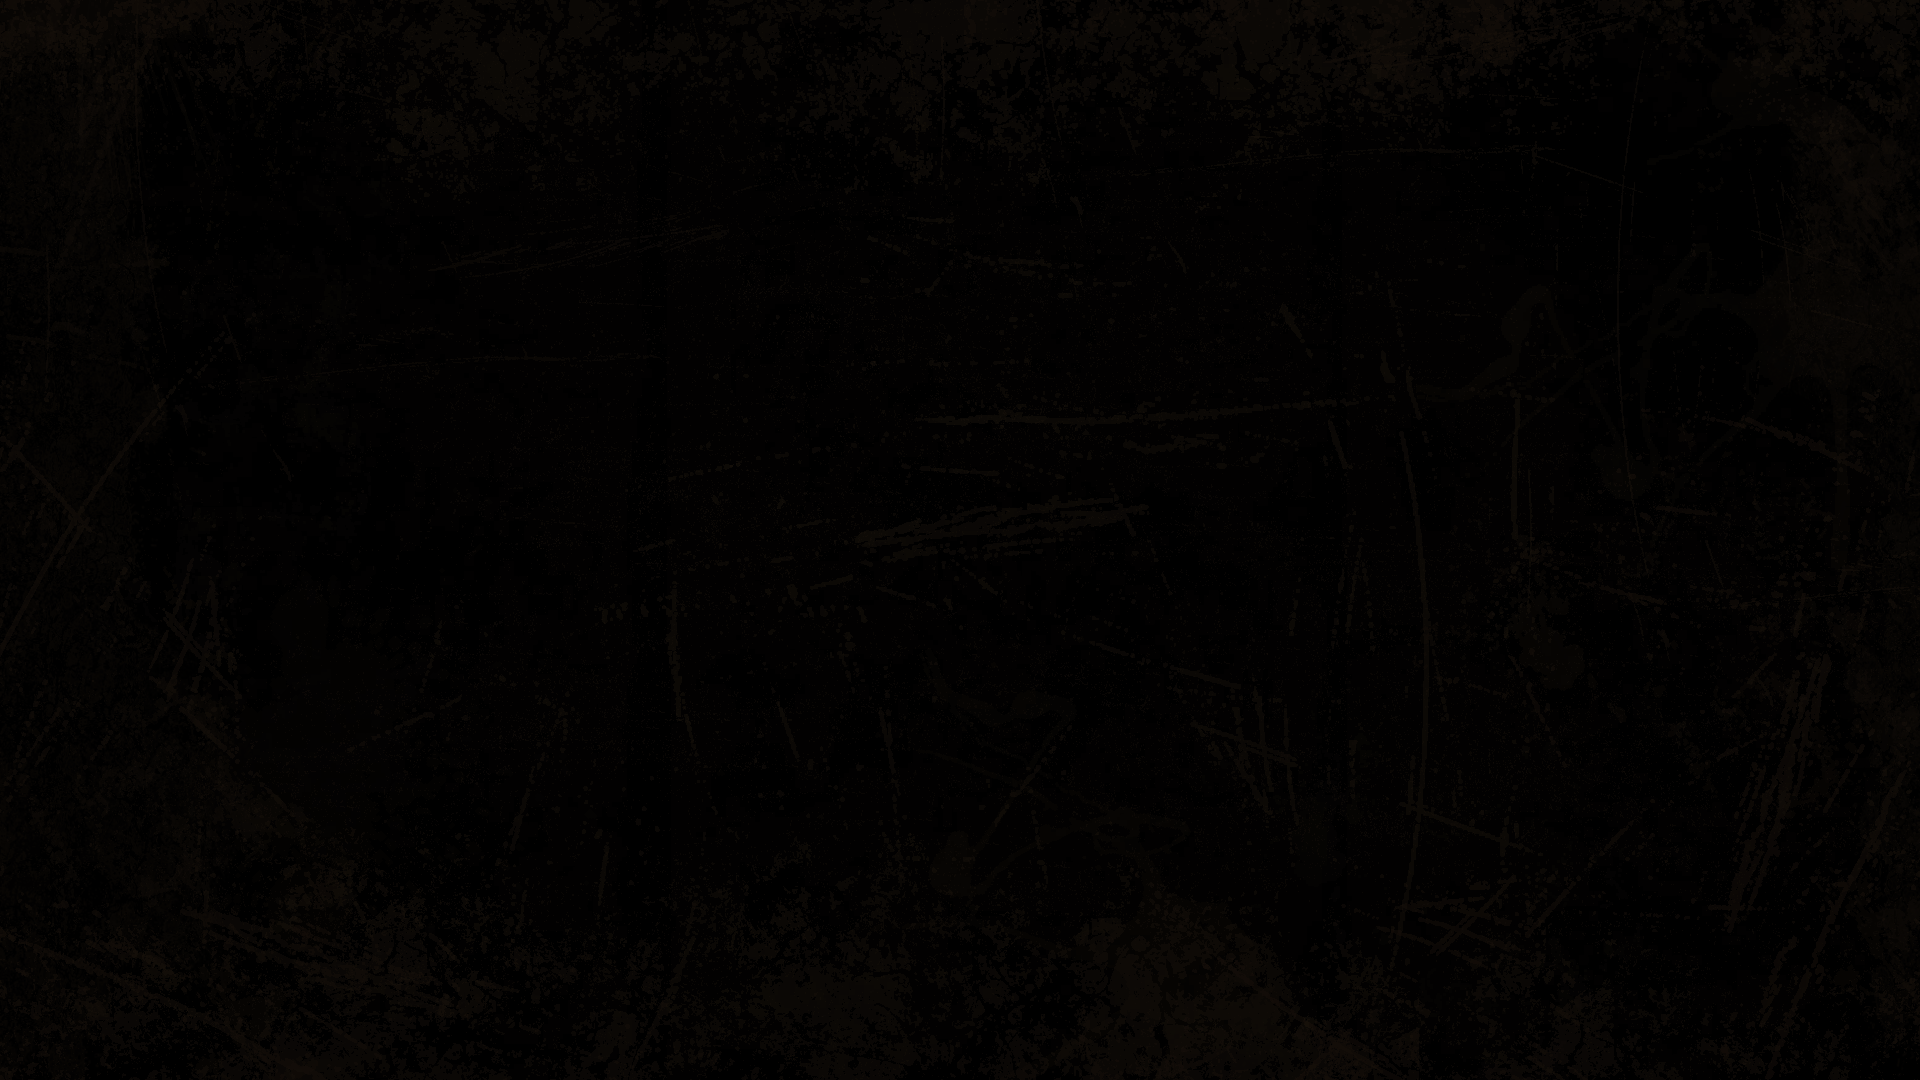 Grunge Tumblr Wallpaper Black Grunge Background Tumblr